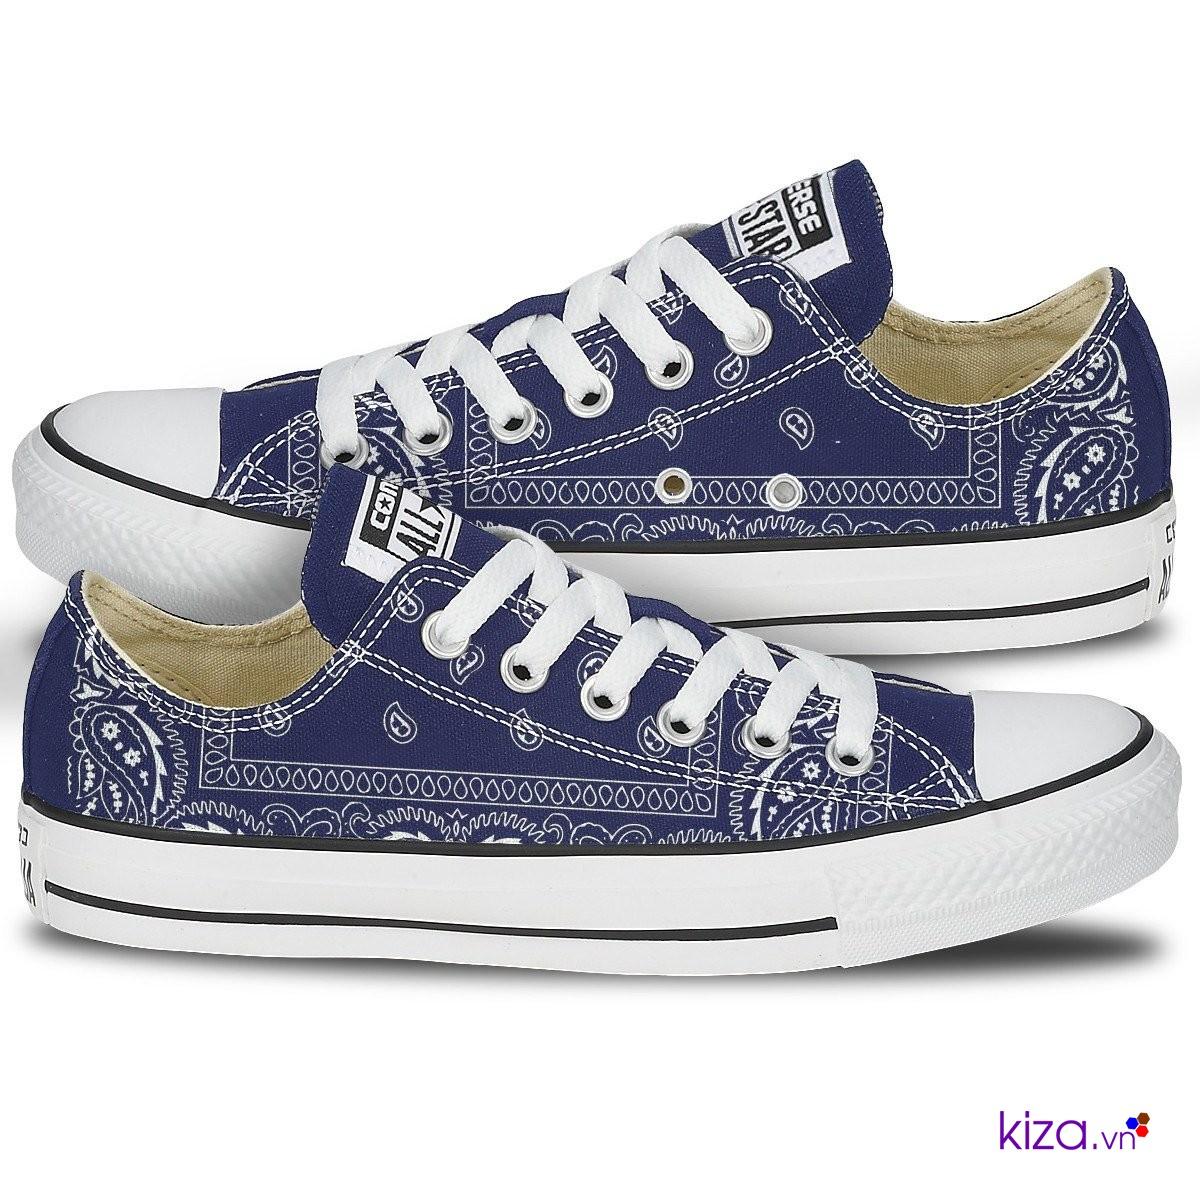 Khả năng phối đồ tuyệt vời của những đôi giày converse sành điệu